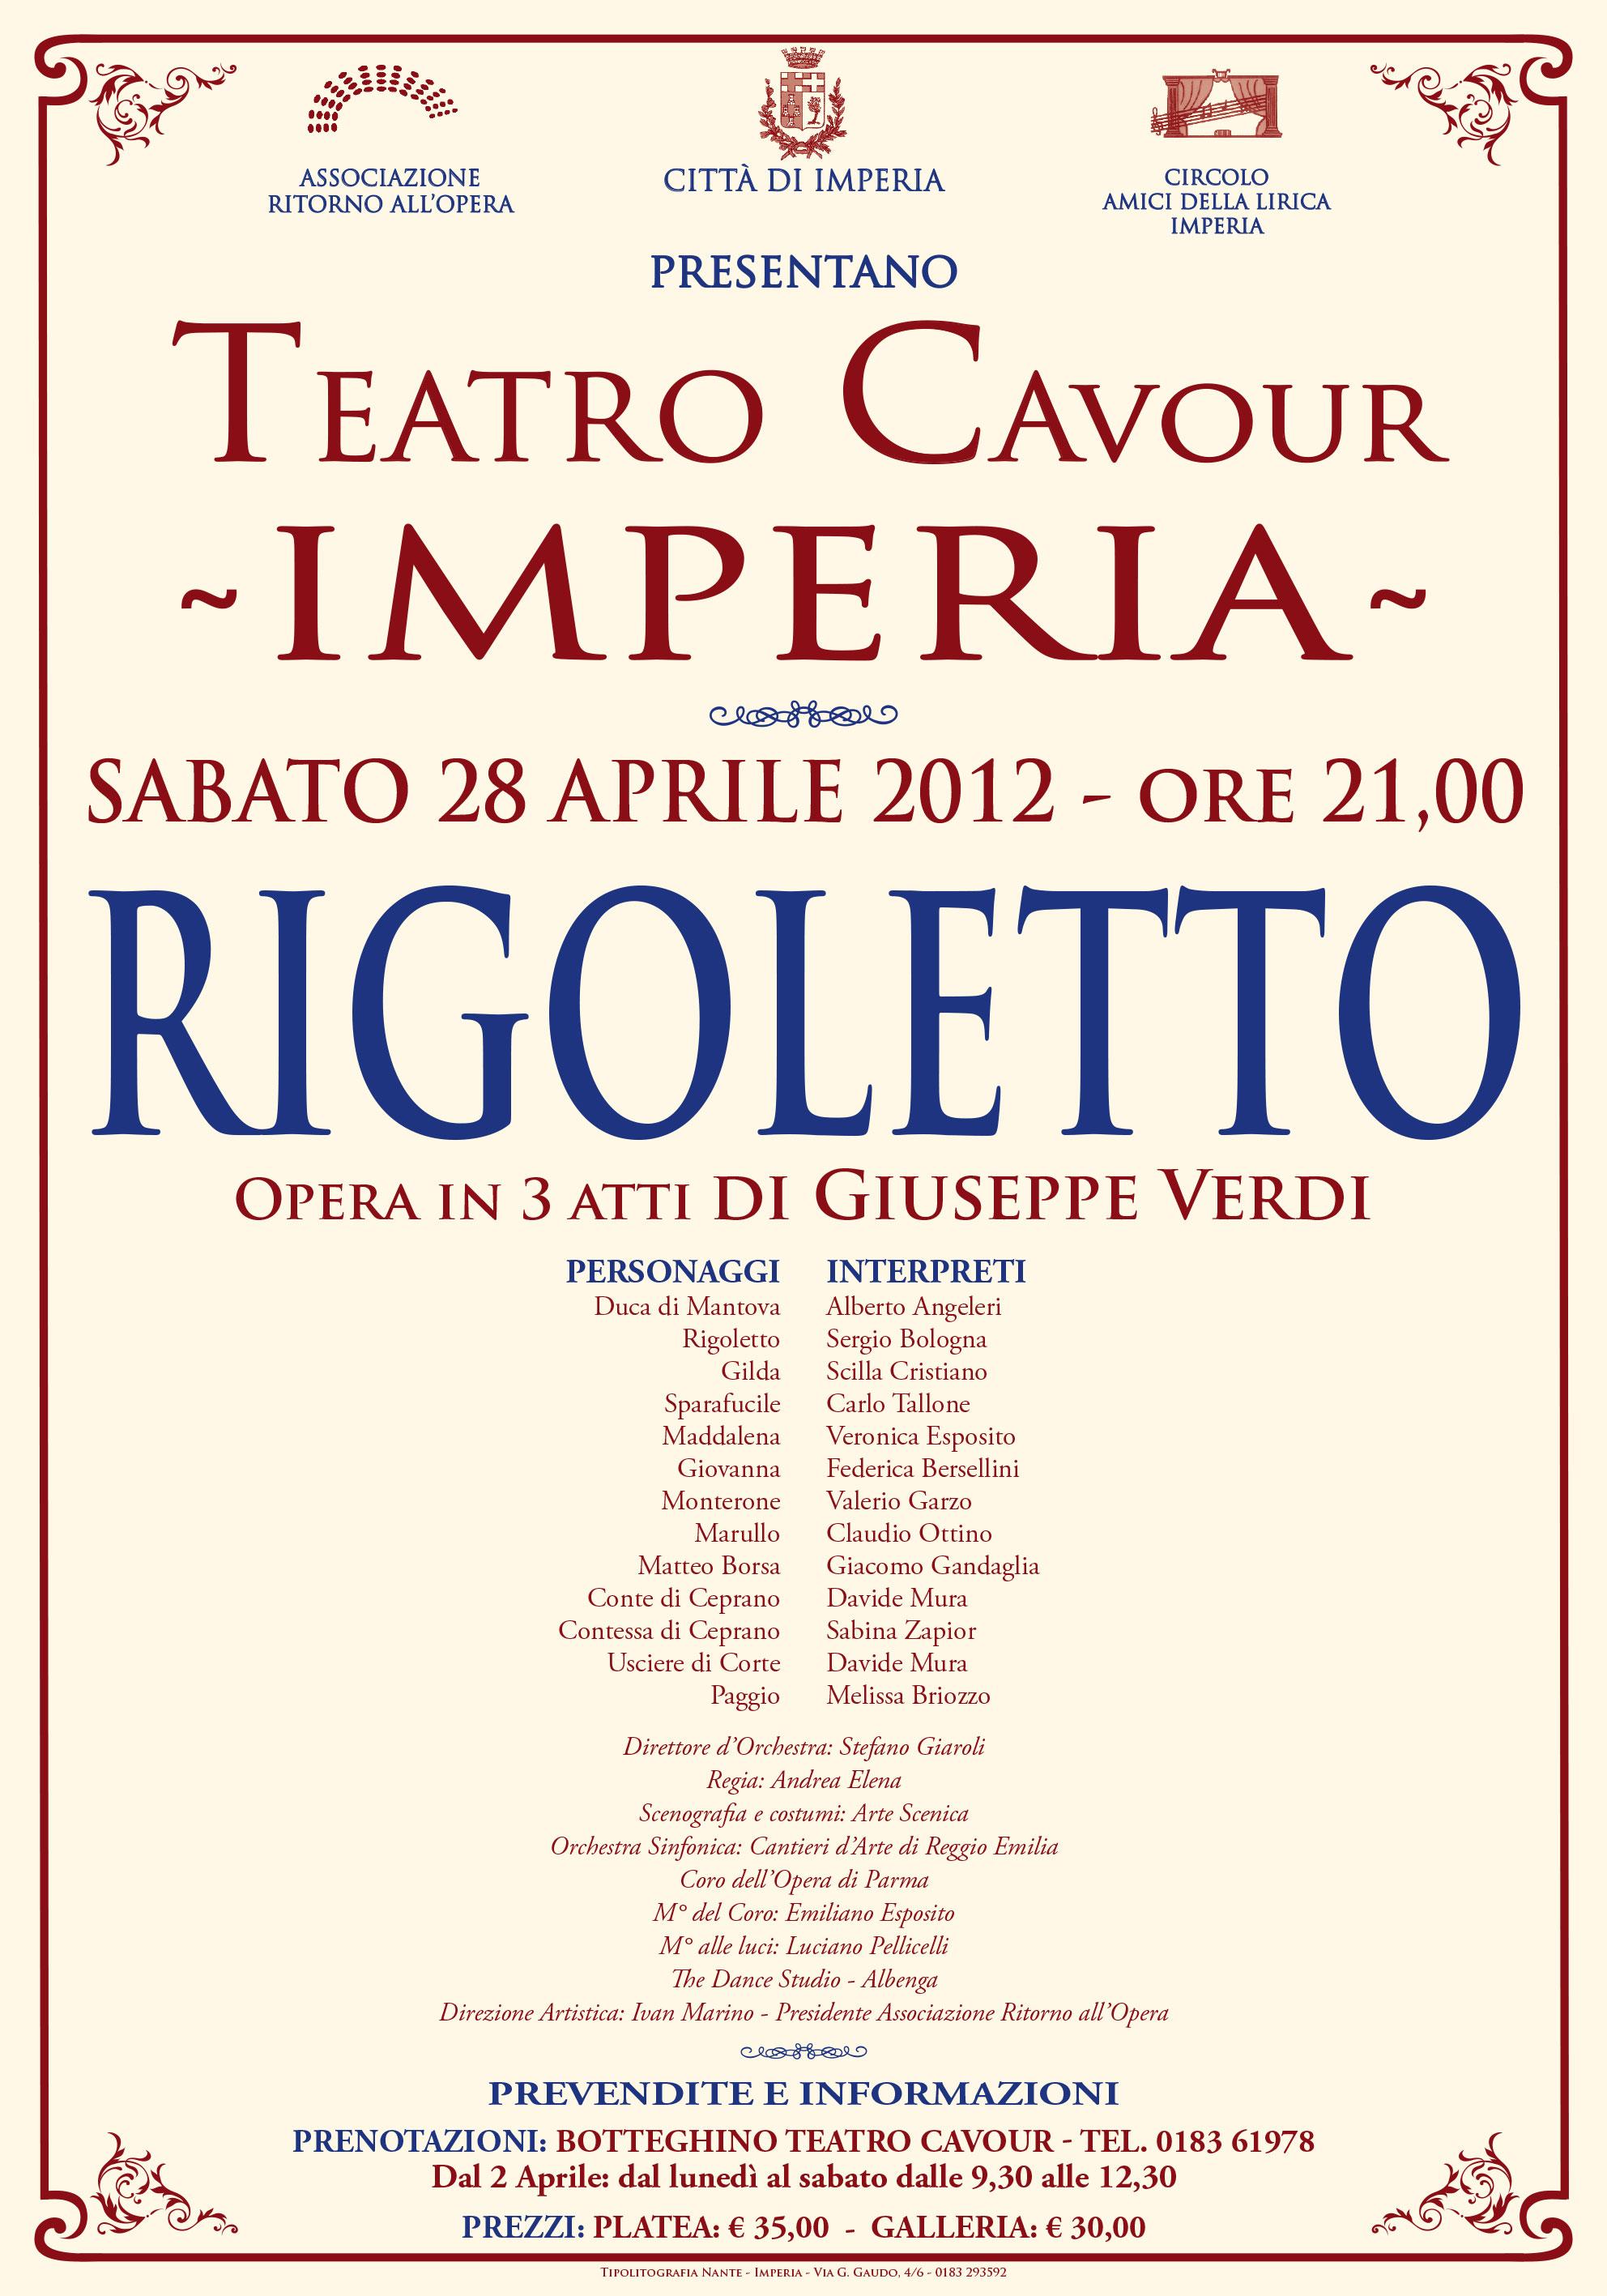 manifesto-rigoletto_imperia